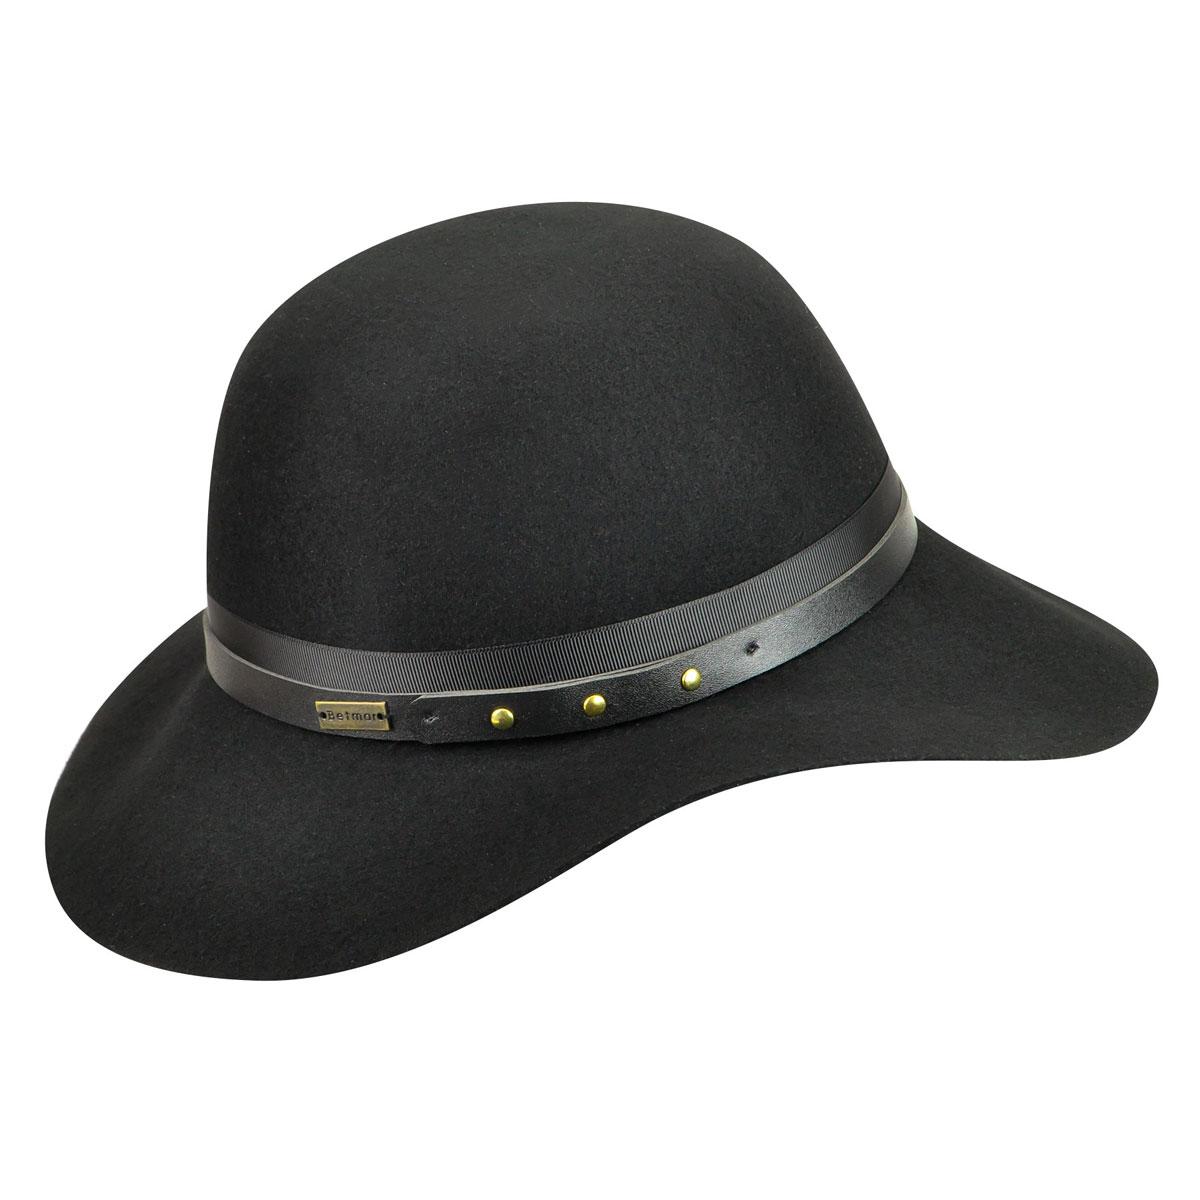 Betmar Hayden Floppy Hat in Black